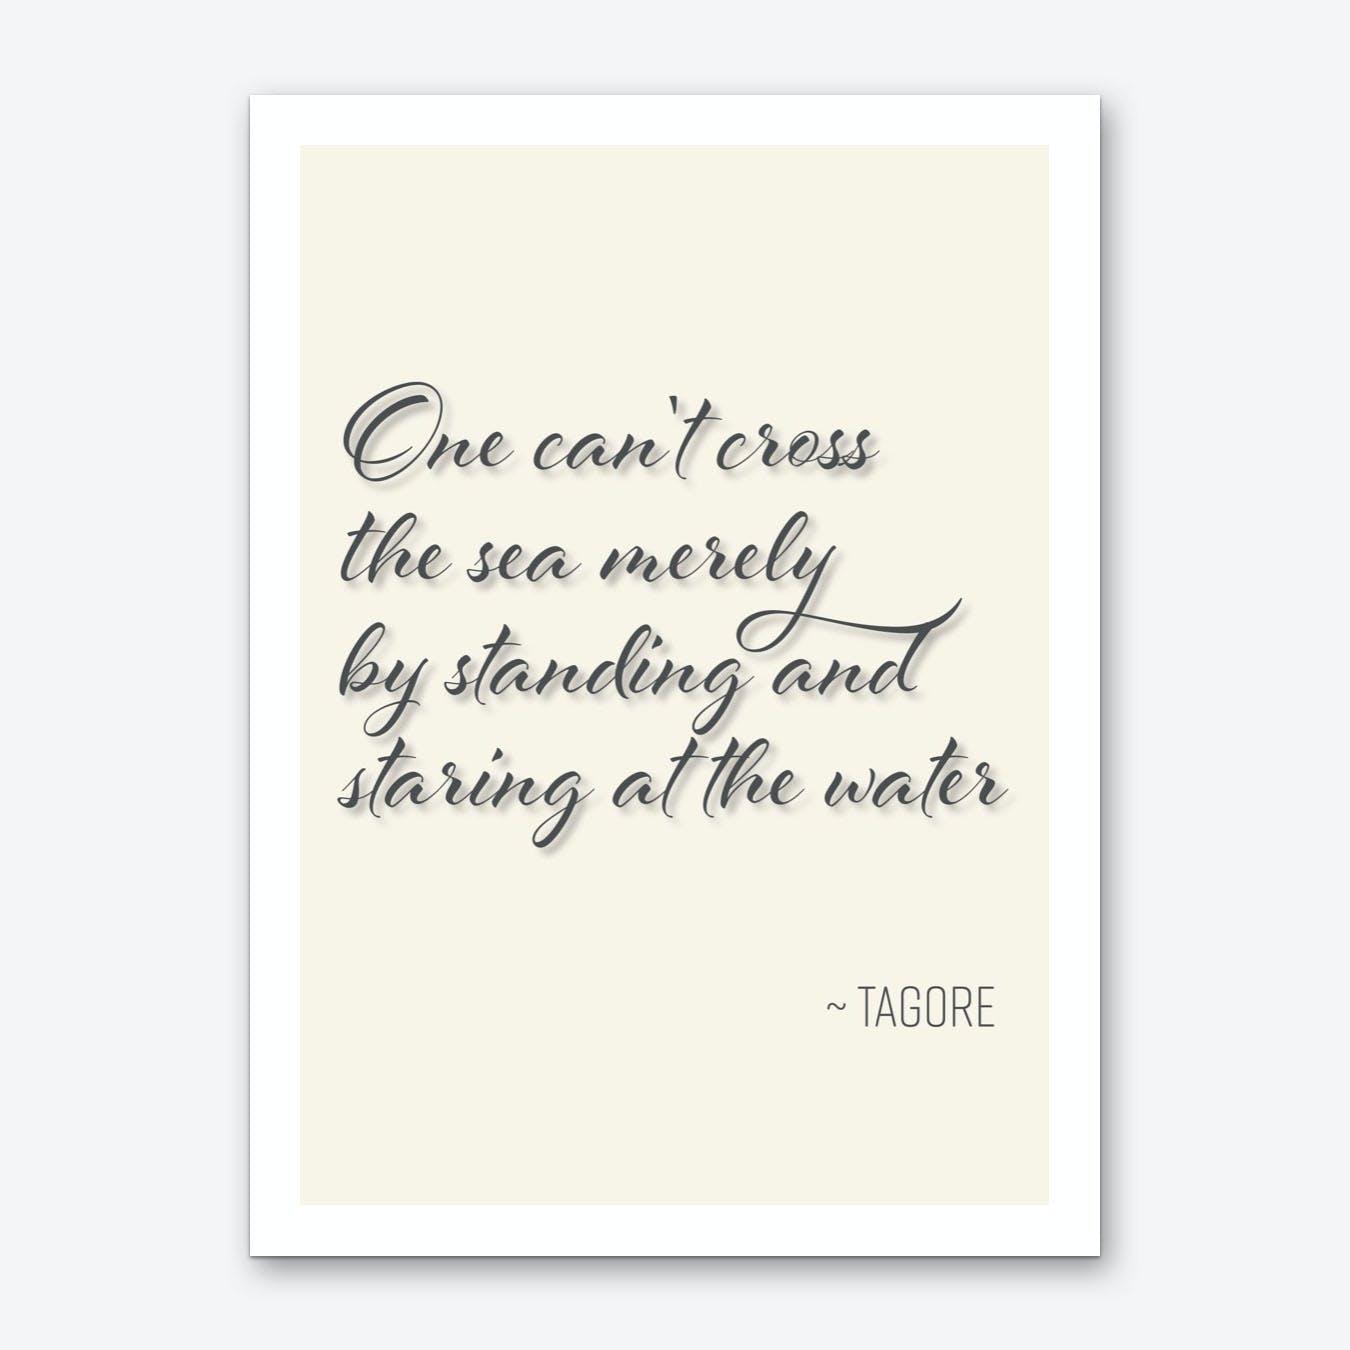 Tagore Quote on Attitude Art Print